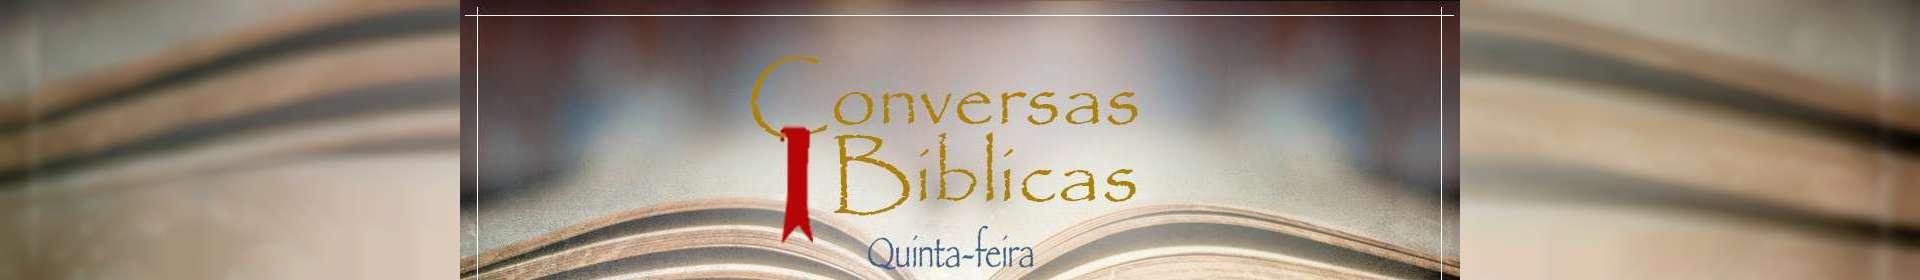 Conversas Bíblicas: Sã Doutrina - Parte 2